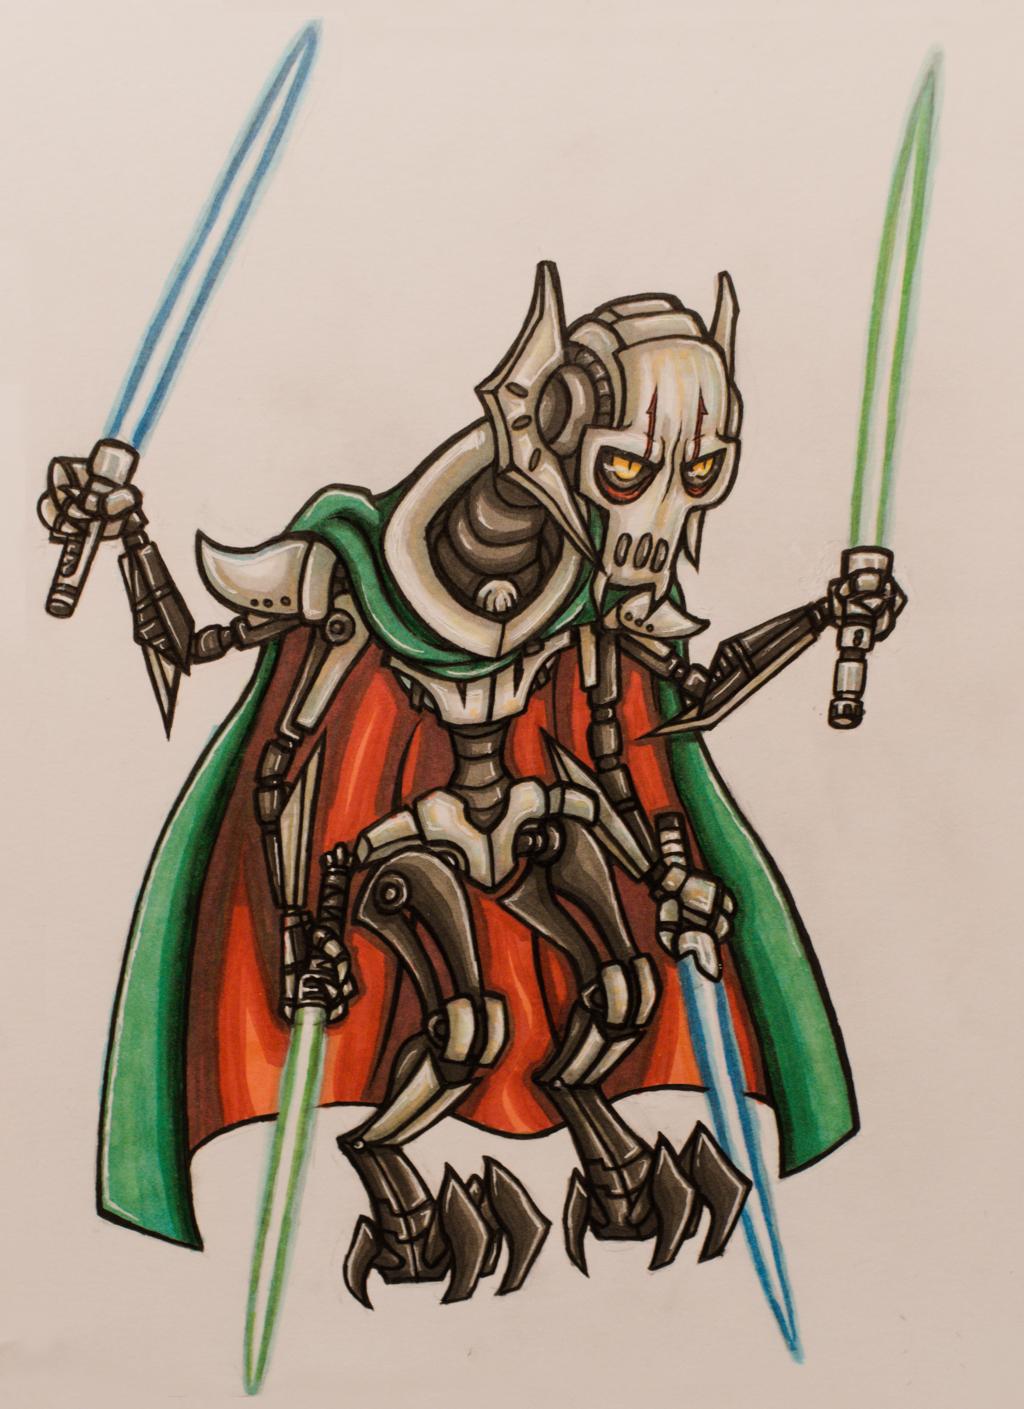 Chibi General Grievous